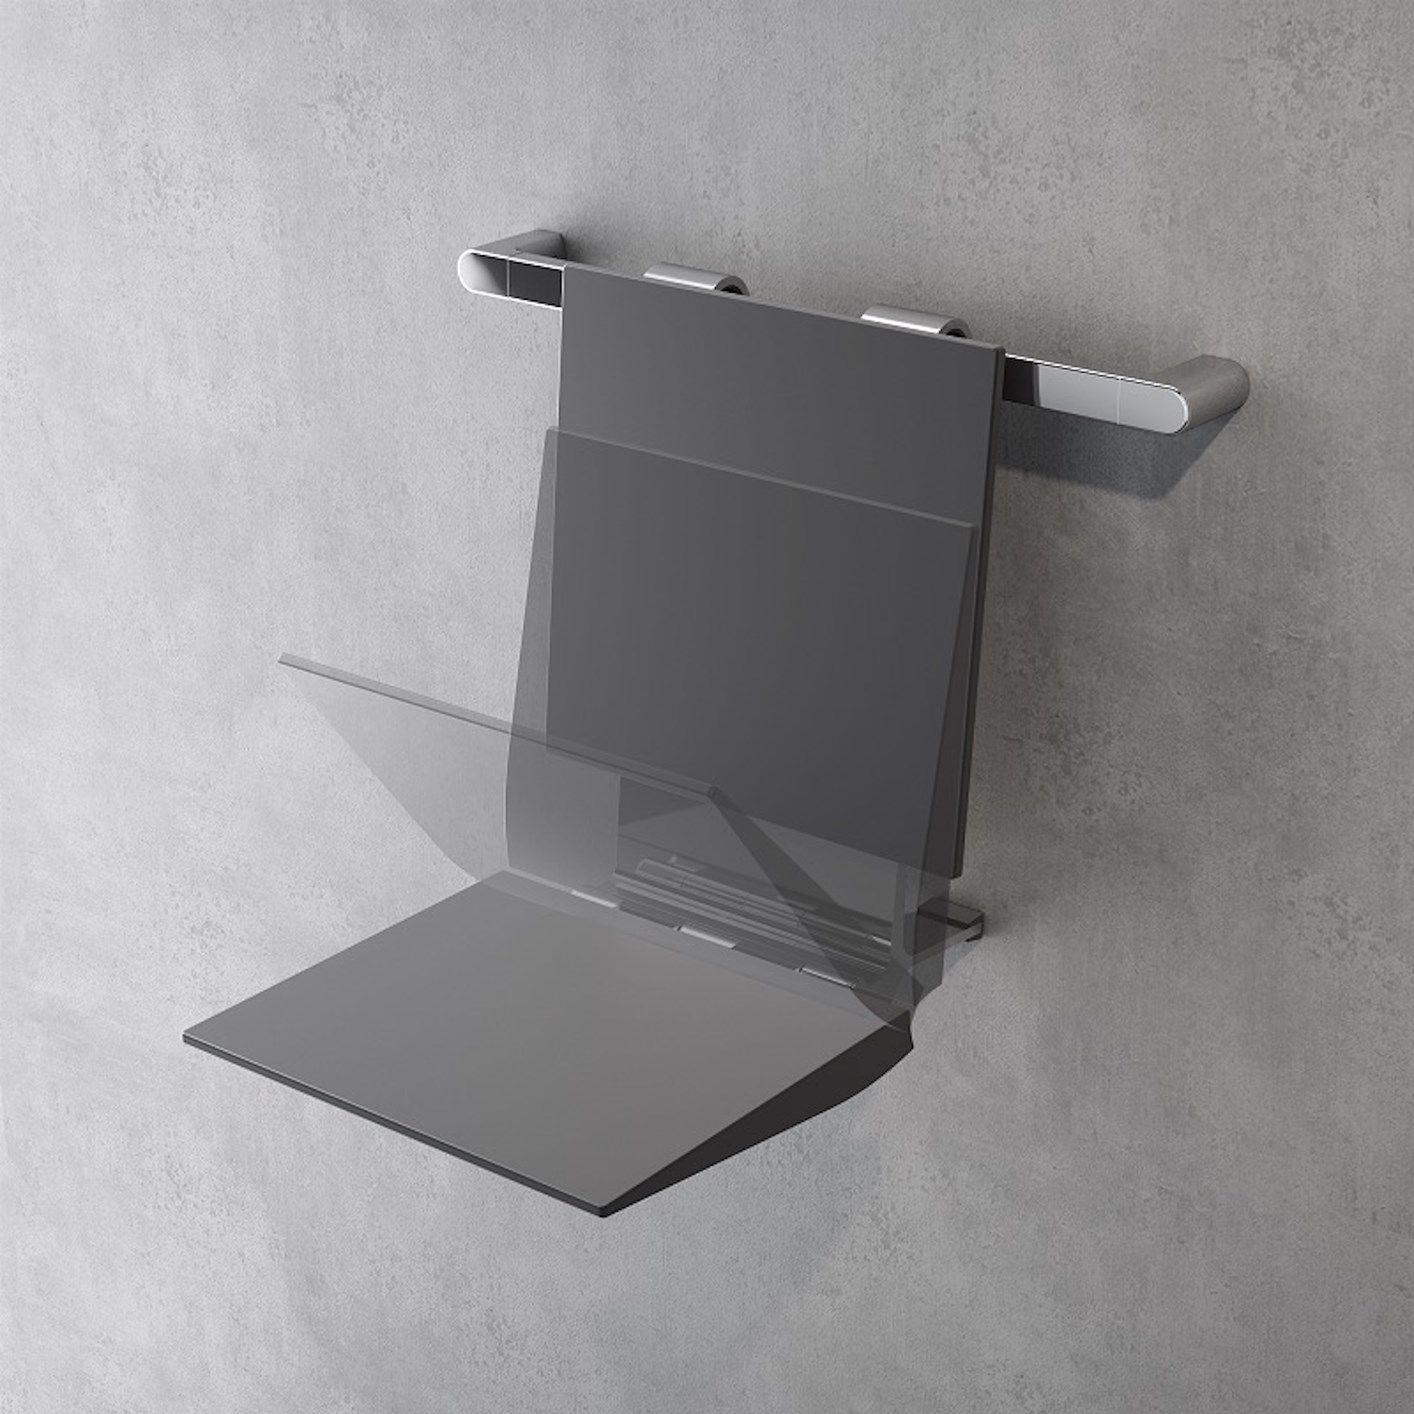 Nuovo sedile agganciabile per la Serie 500 di Provex: perfetta sintesi tra design, funzionalità e sicurezza